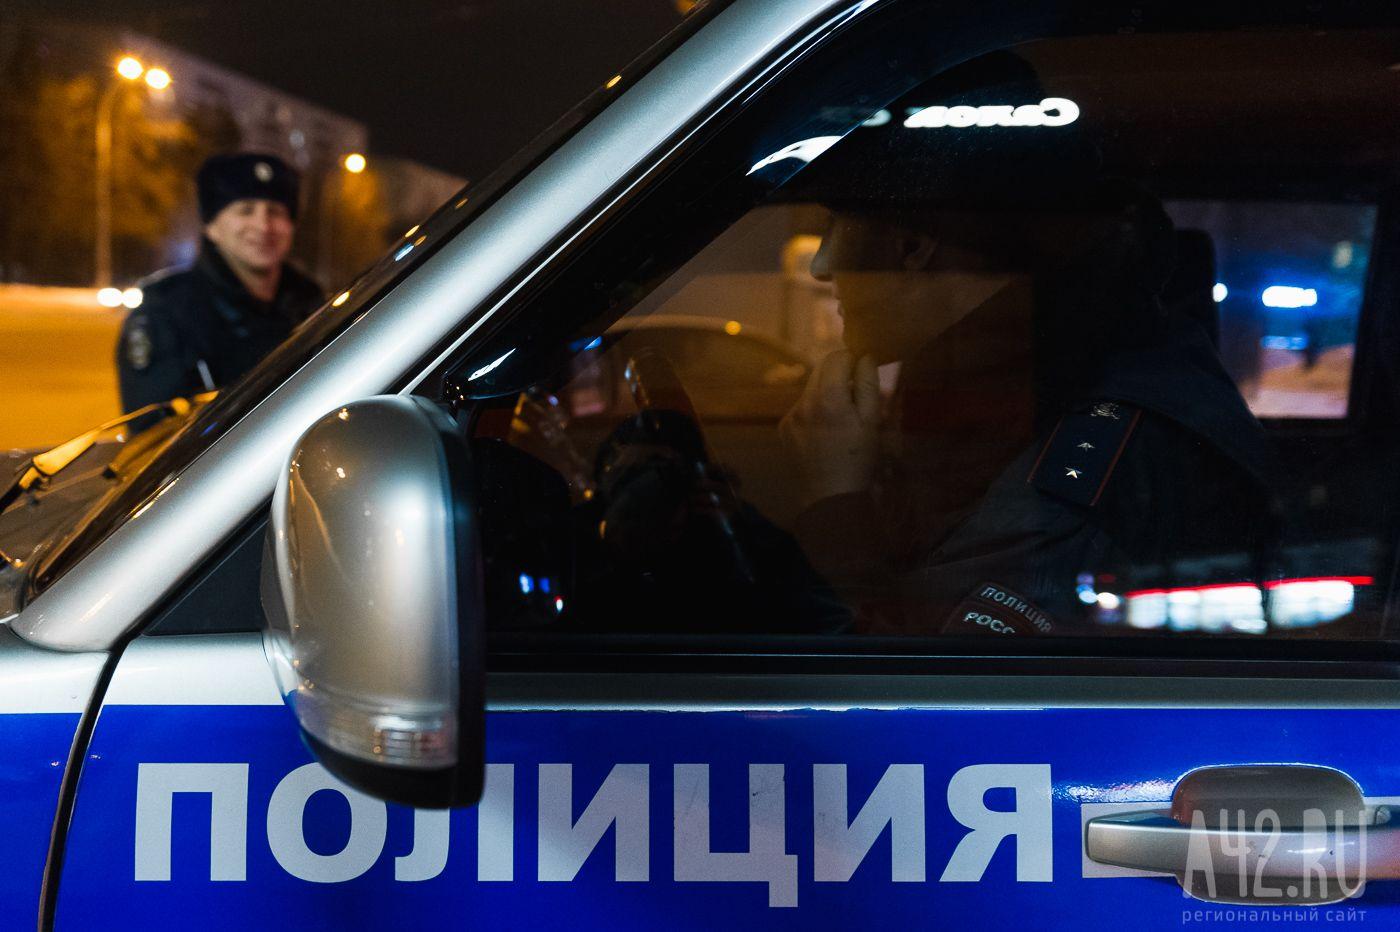 ВКузбассе задержали 10 человек, которые поддерживали запрещенную в Российской Федерации религиозную компанию